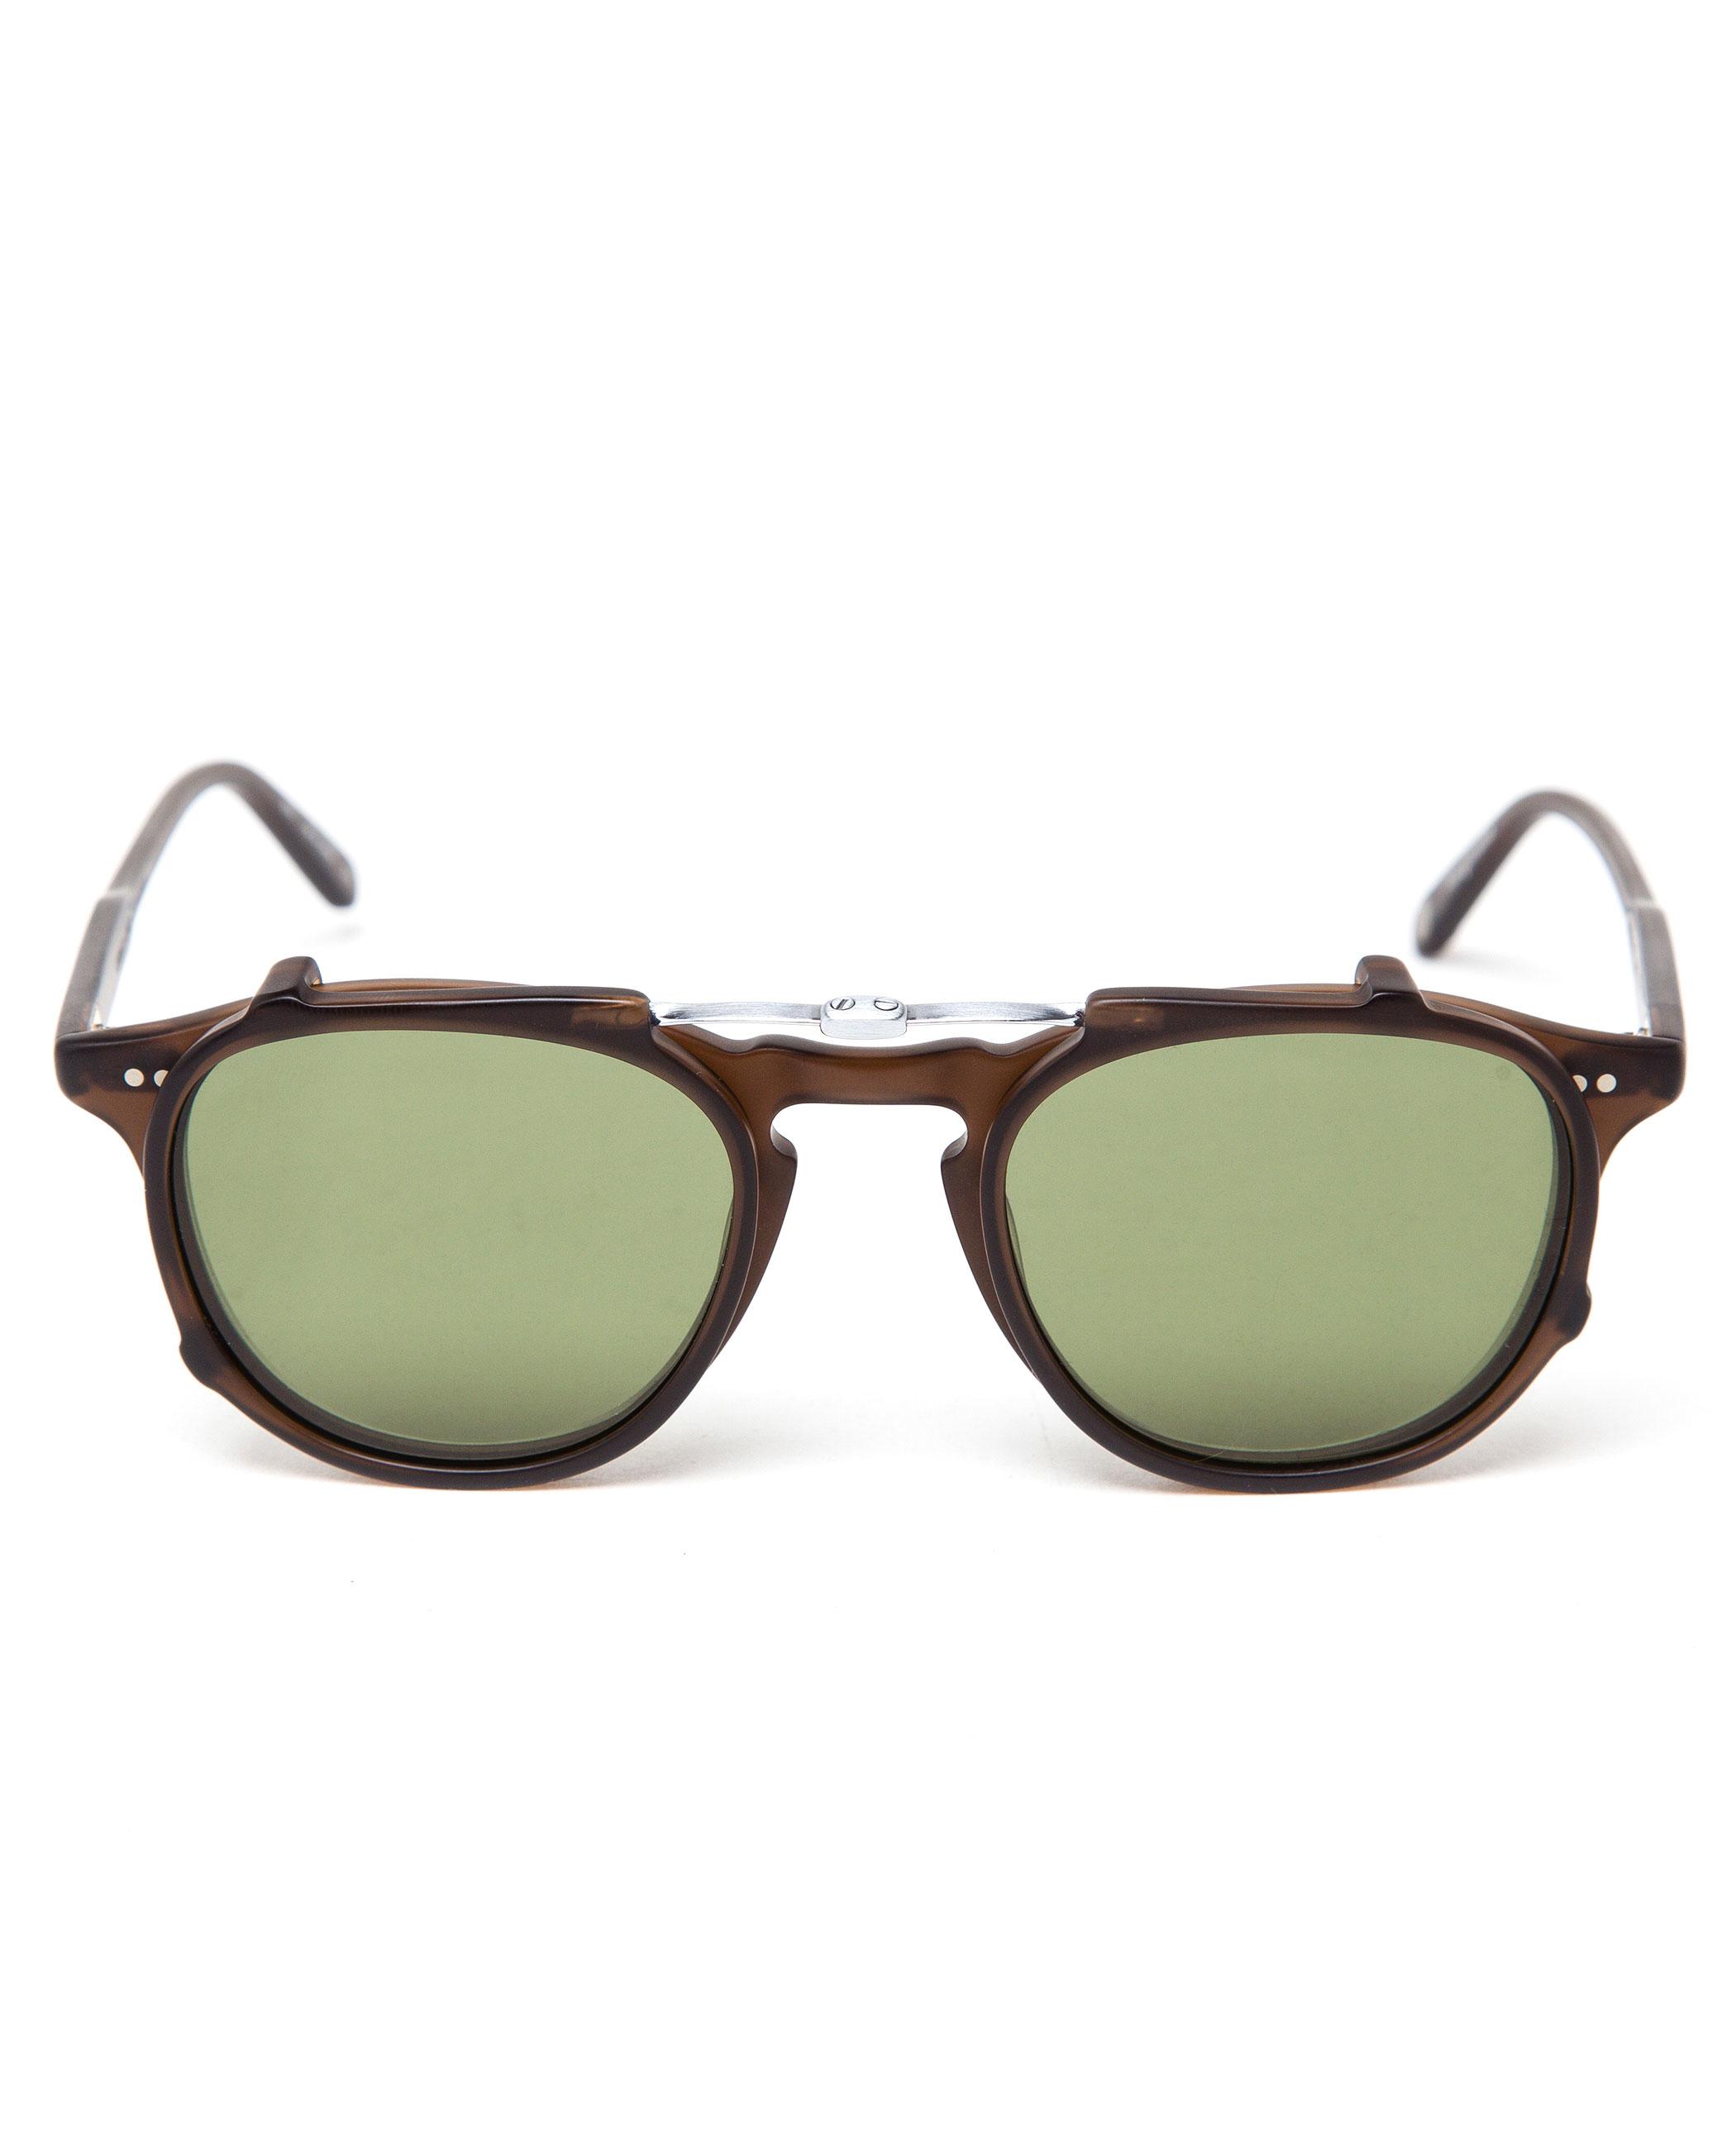 philippines sunglasses price heritage oakley men malta fuel for ferrari cell